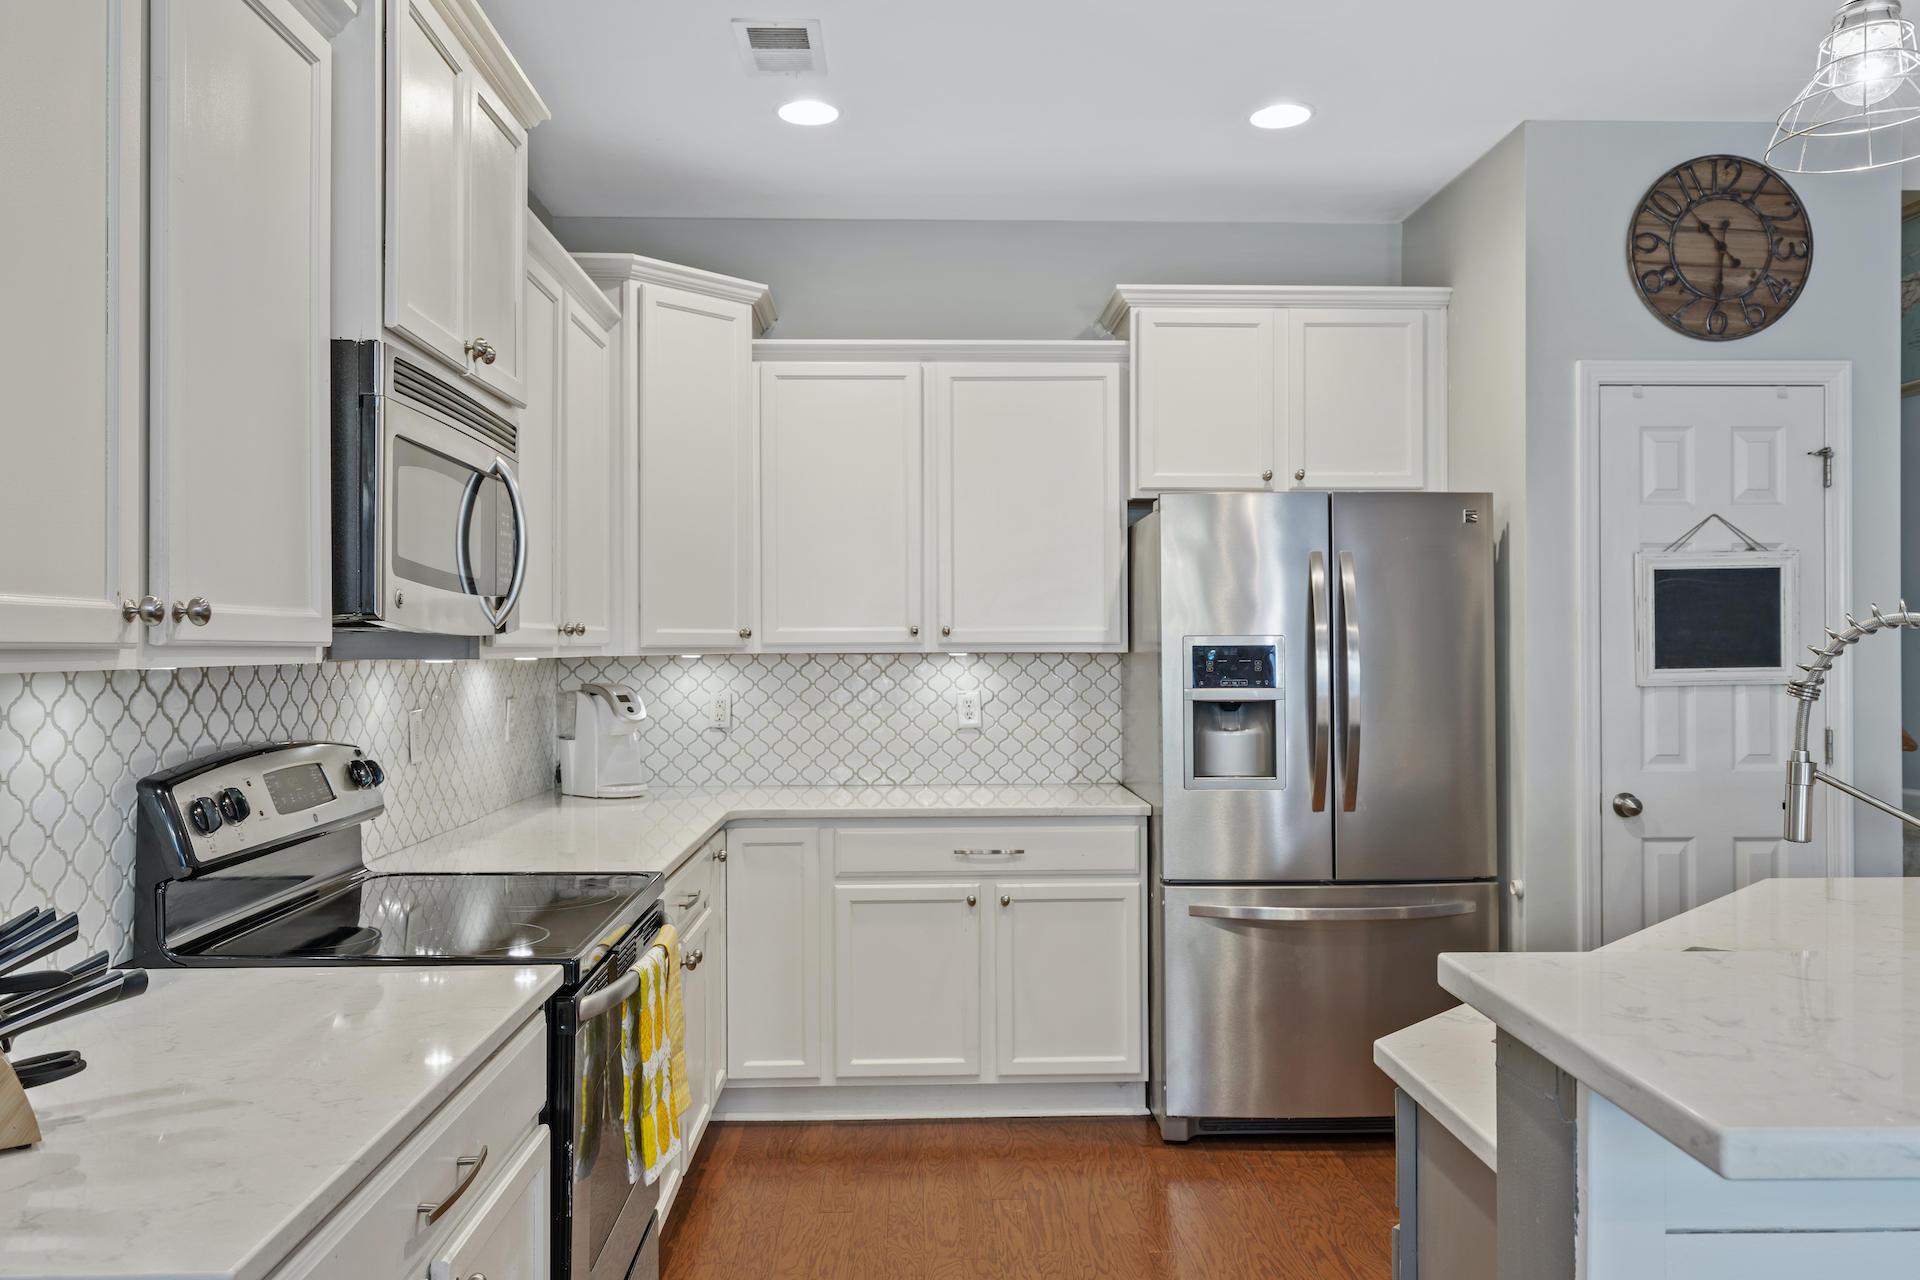 Park West Homes For Sale - 3061 Park West, Mount Pleasant, SC - 16